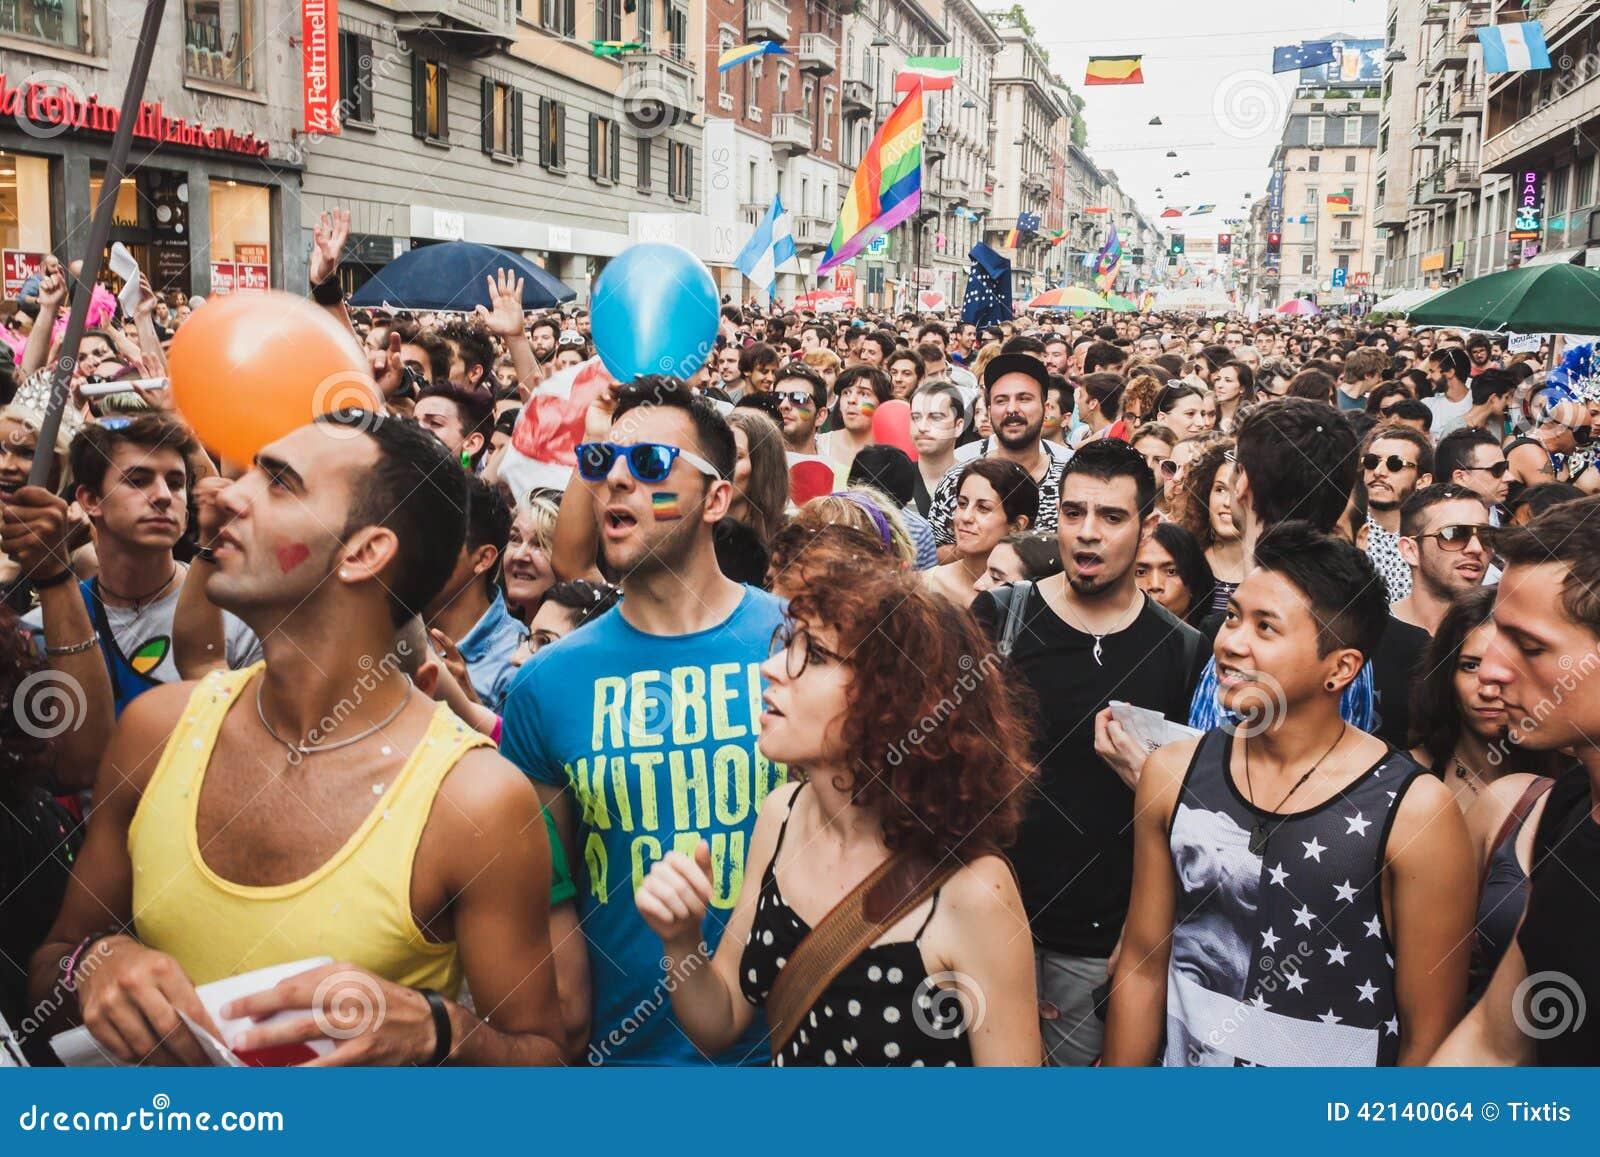 rentboy milano italian boy gay